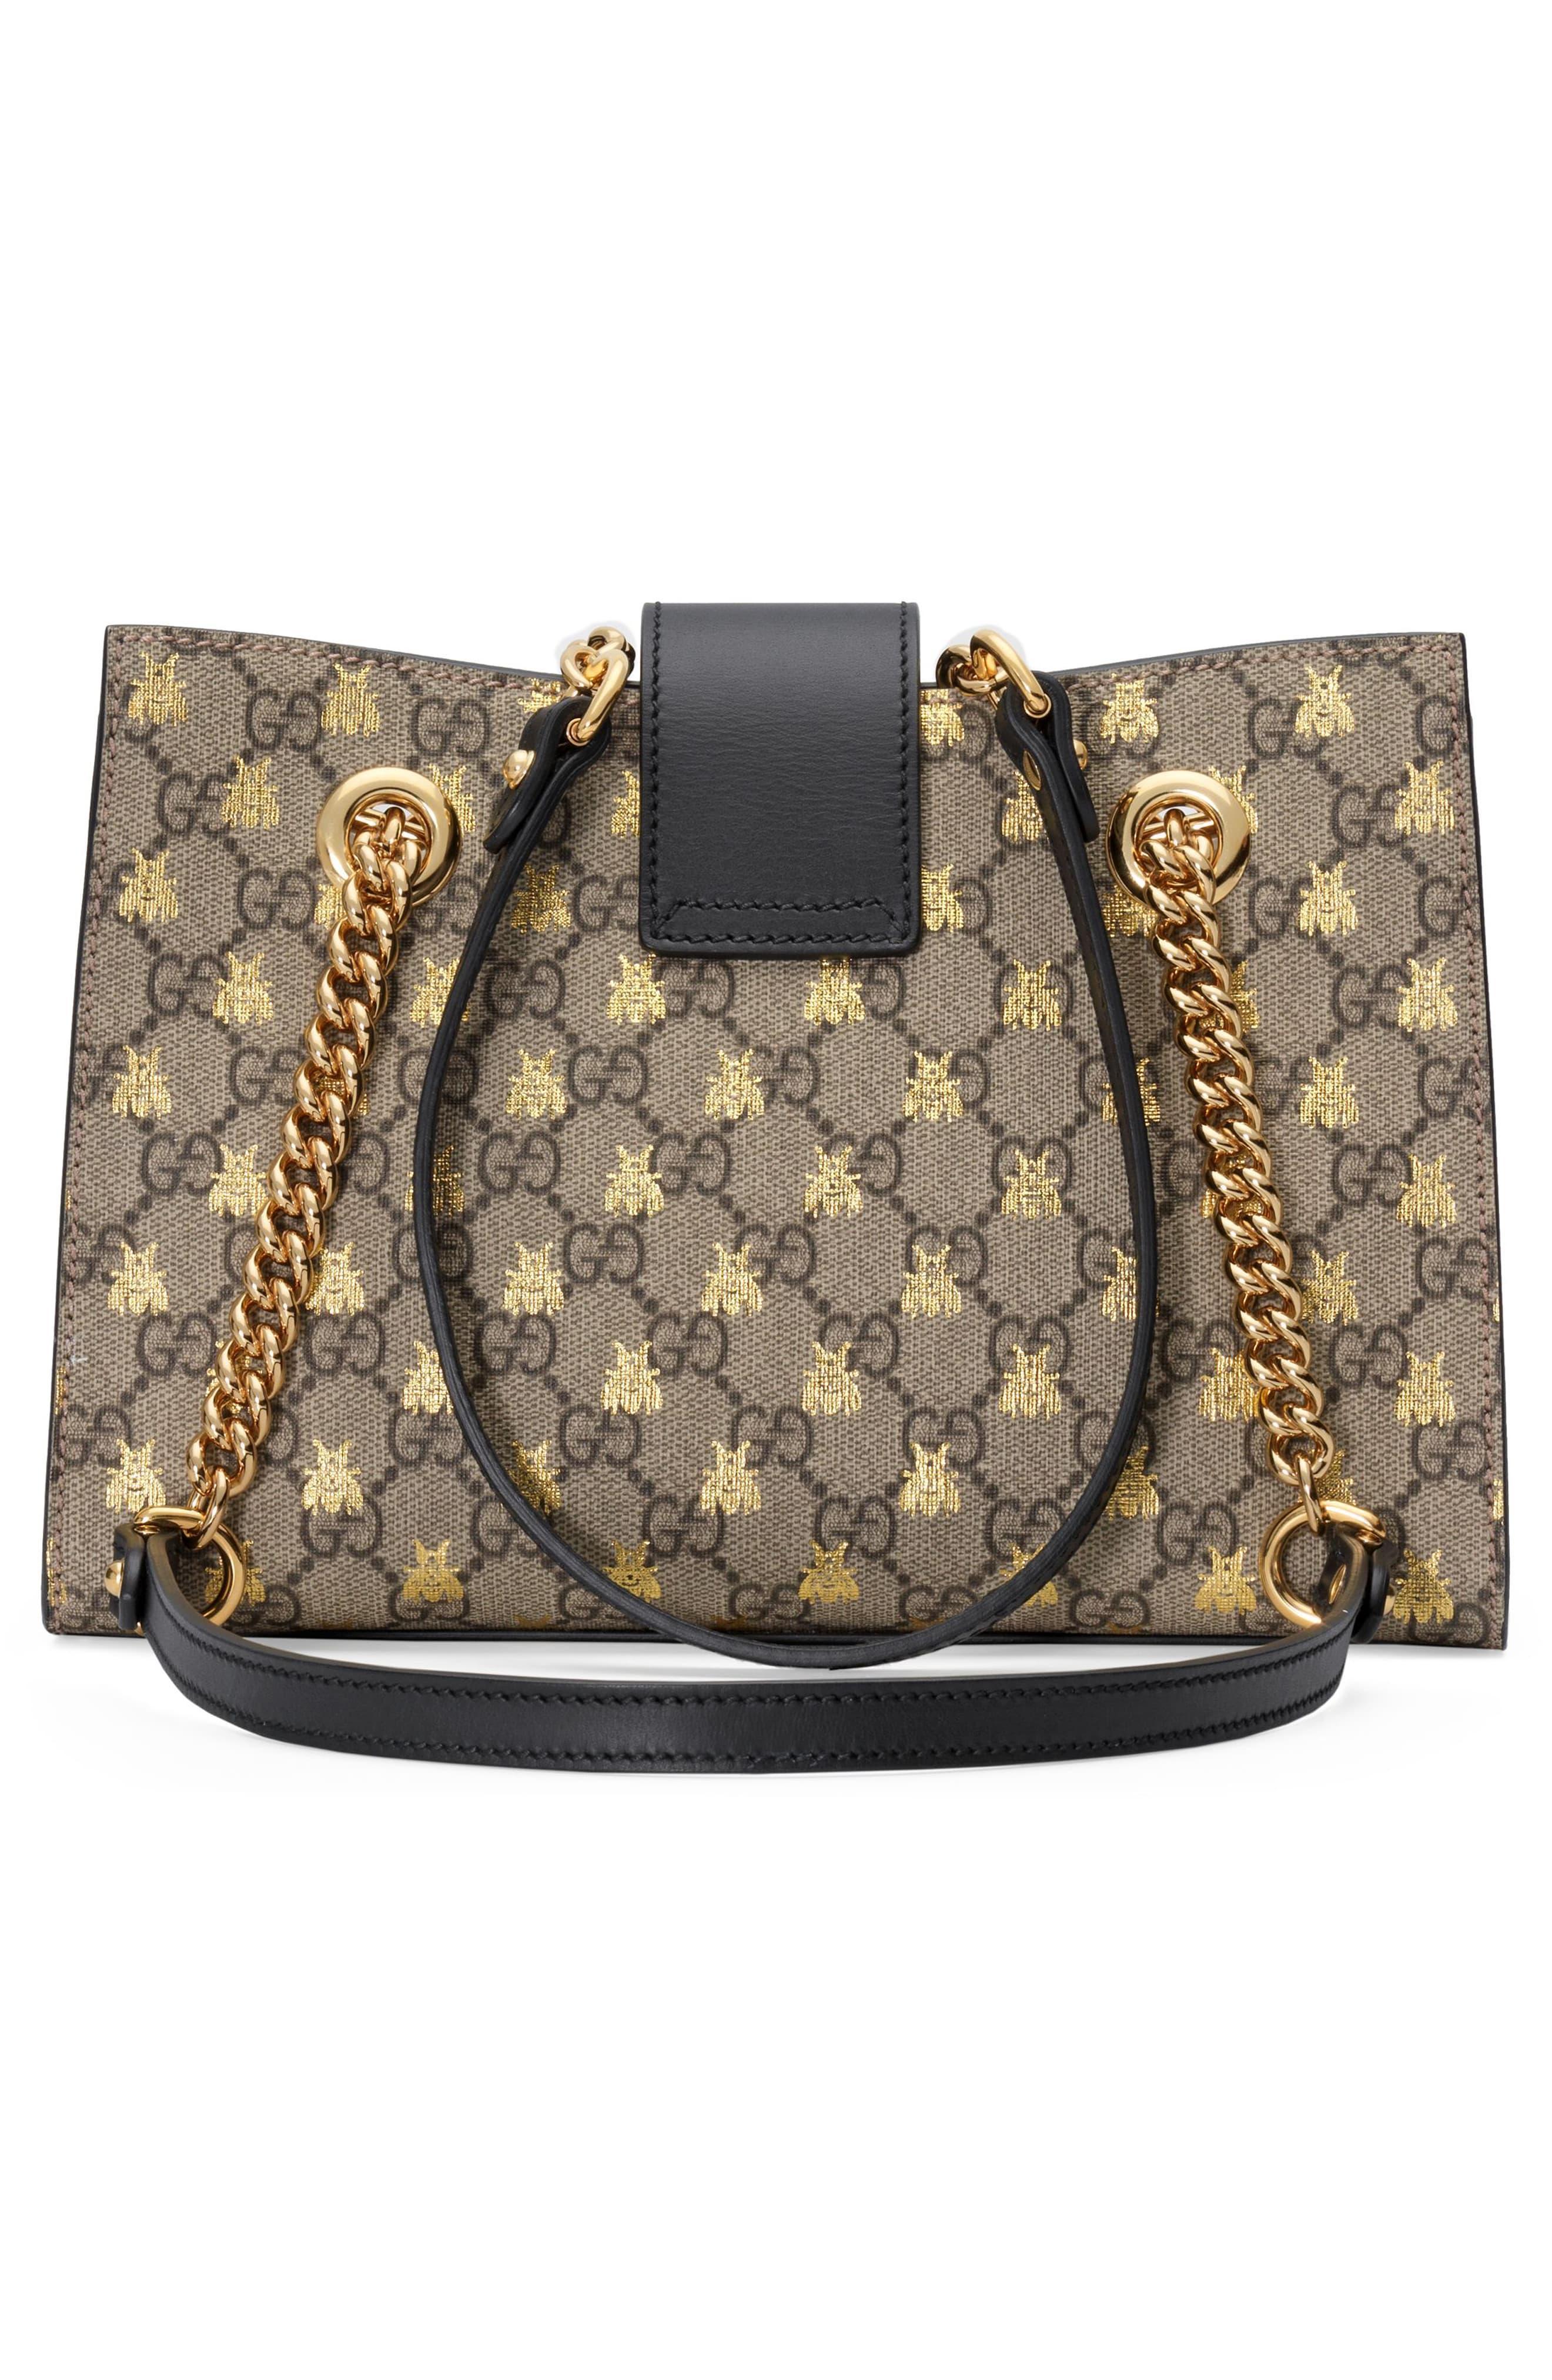 28d02337b0a3 Gucci - Multicolor Small Padlock Gg Supreme Bee Shoulder Bag - - Lyst. View  fullscreen